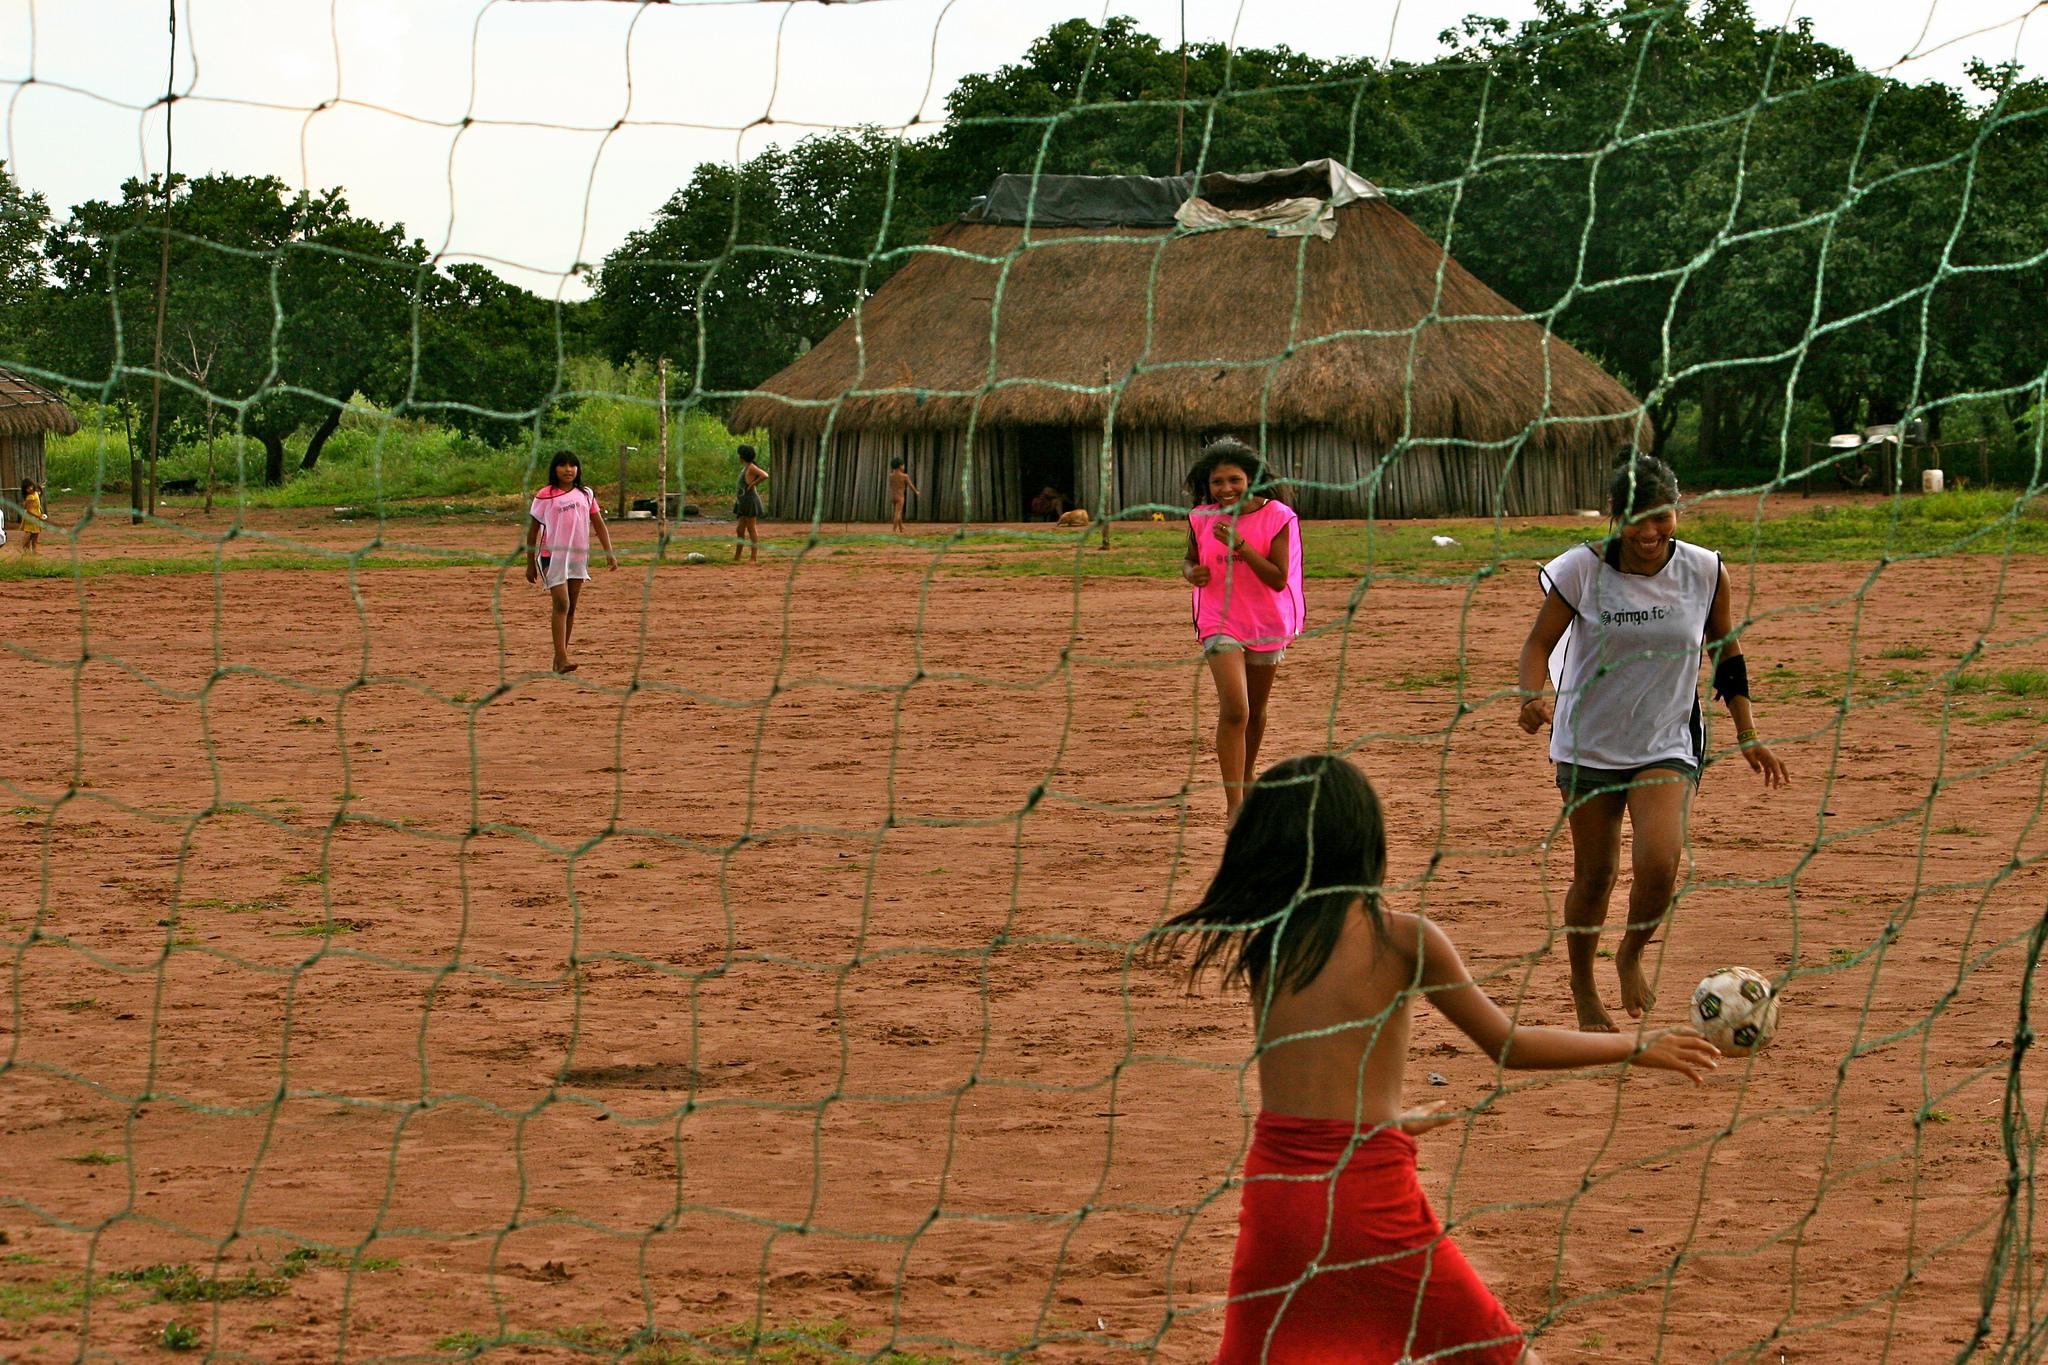 c00a54b8ed Tapajós  onde o futebol cresce livre de preconceito - 20 04 2019 ...